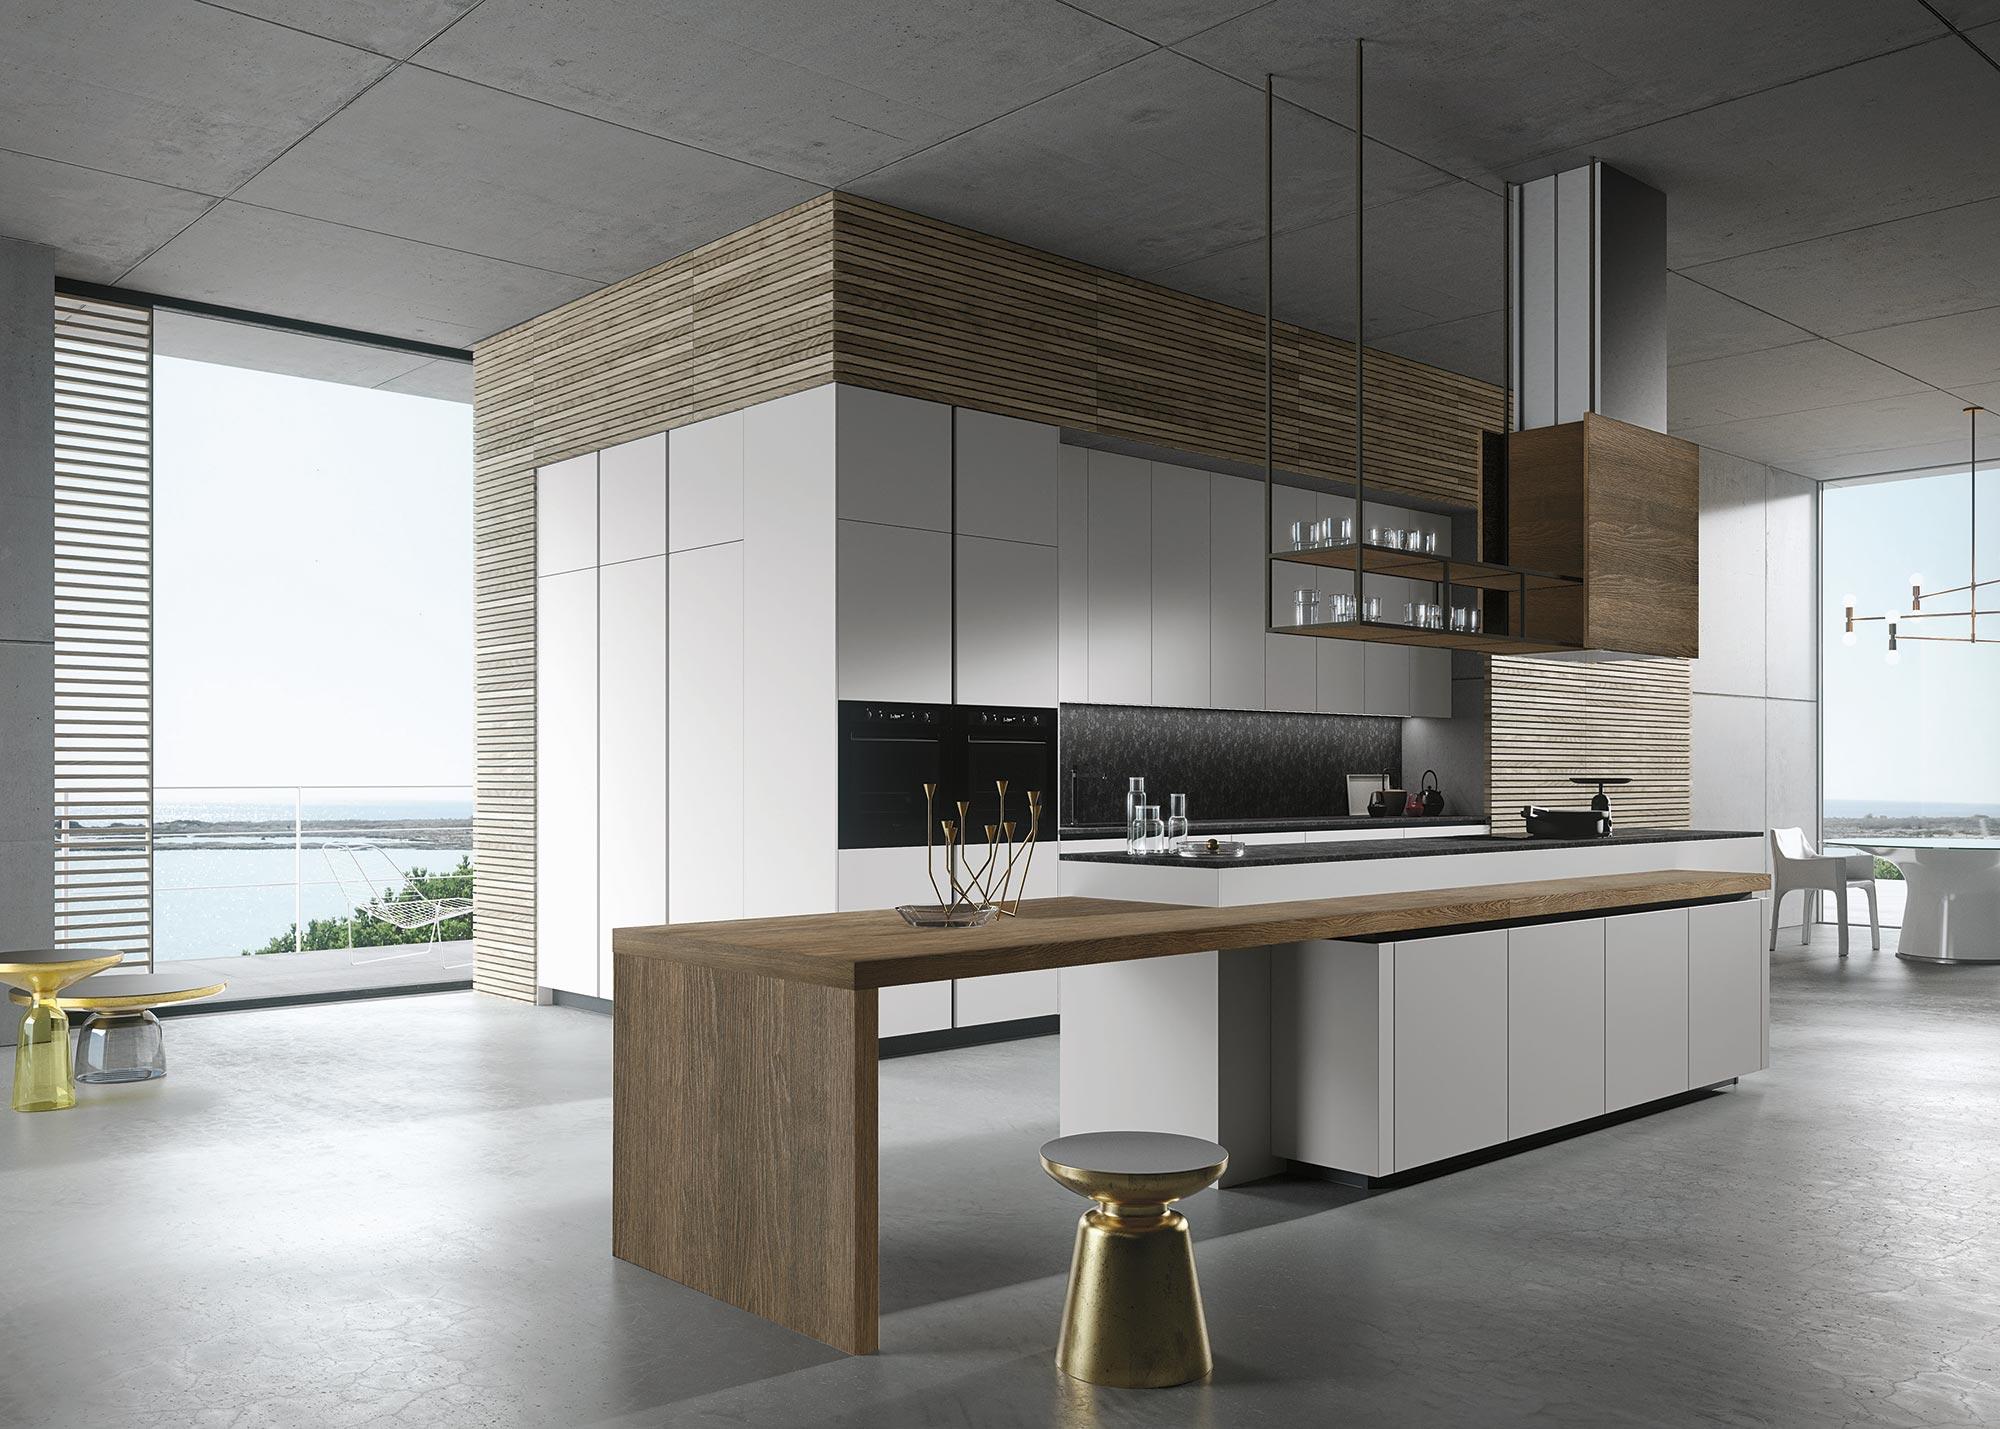 Cucine moderne eleganza sartoriale e contaminazione ville casali - Design cucine moderne ...